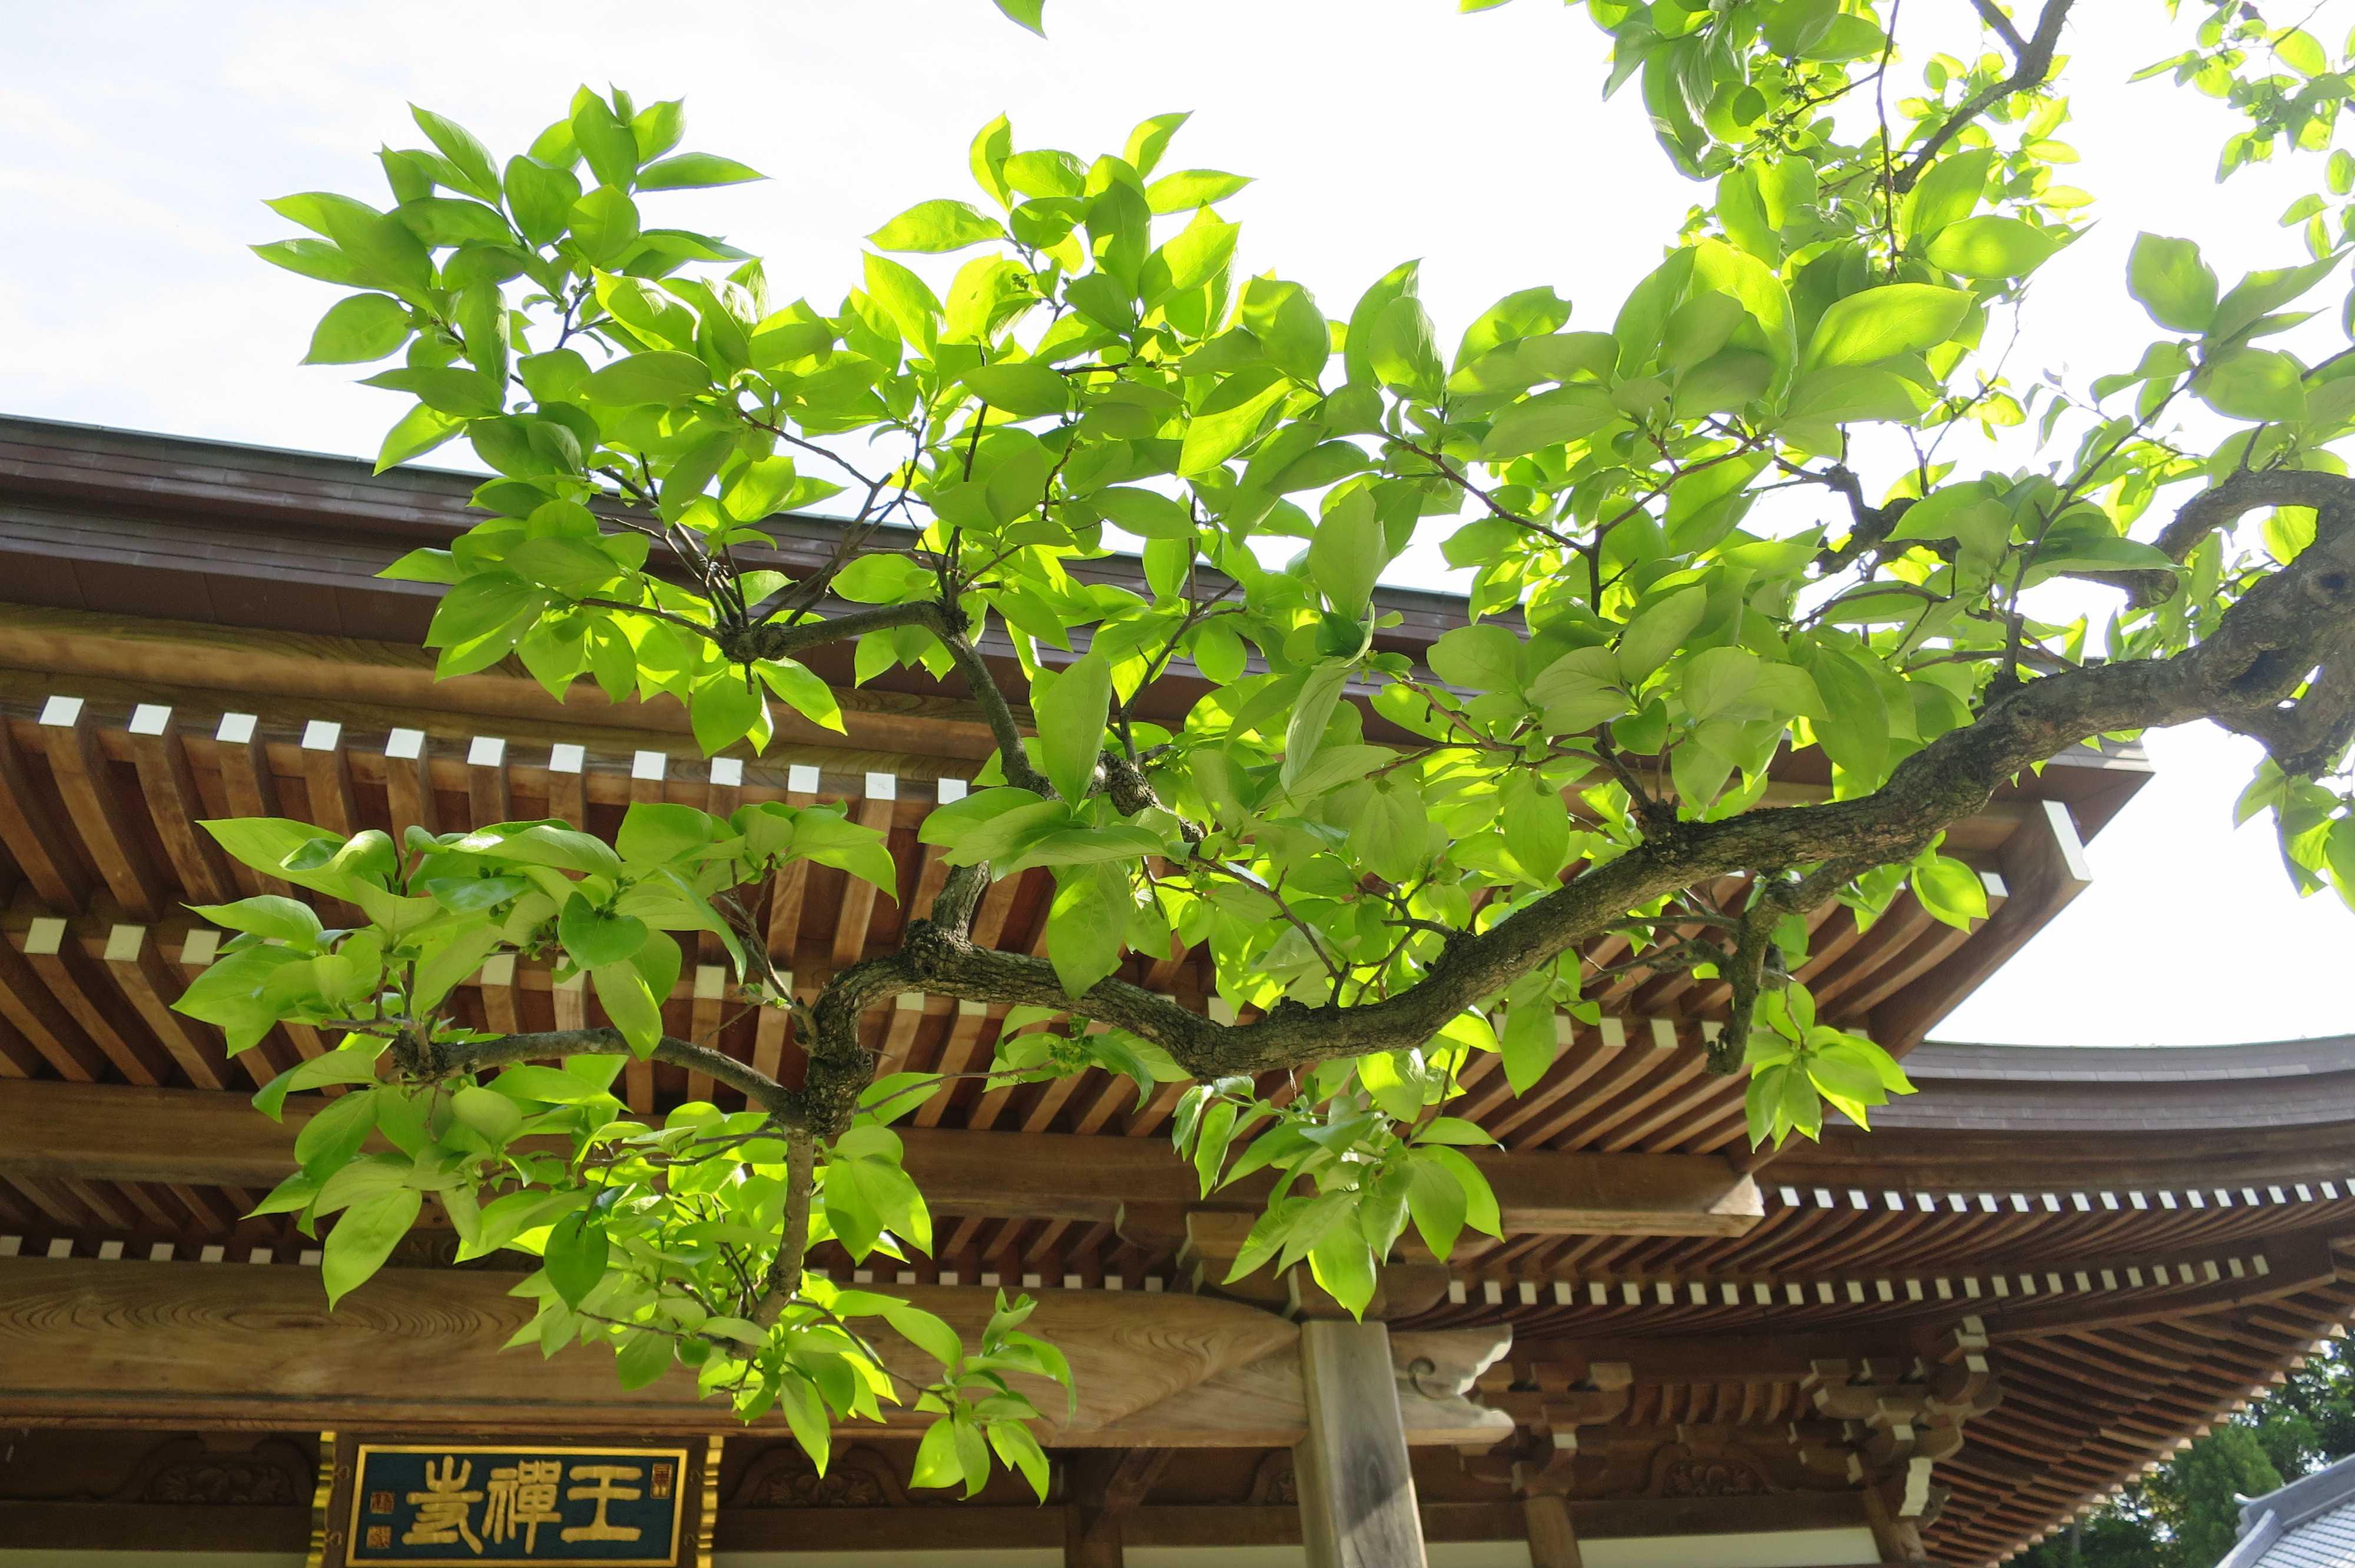 柿の若葉 - 王禅寺